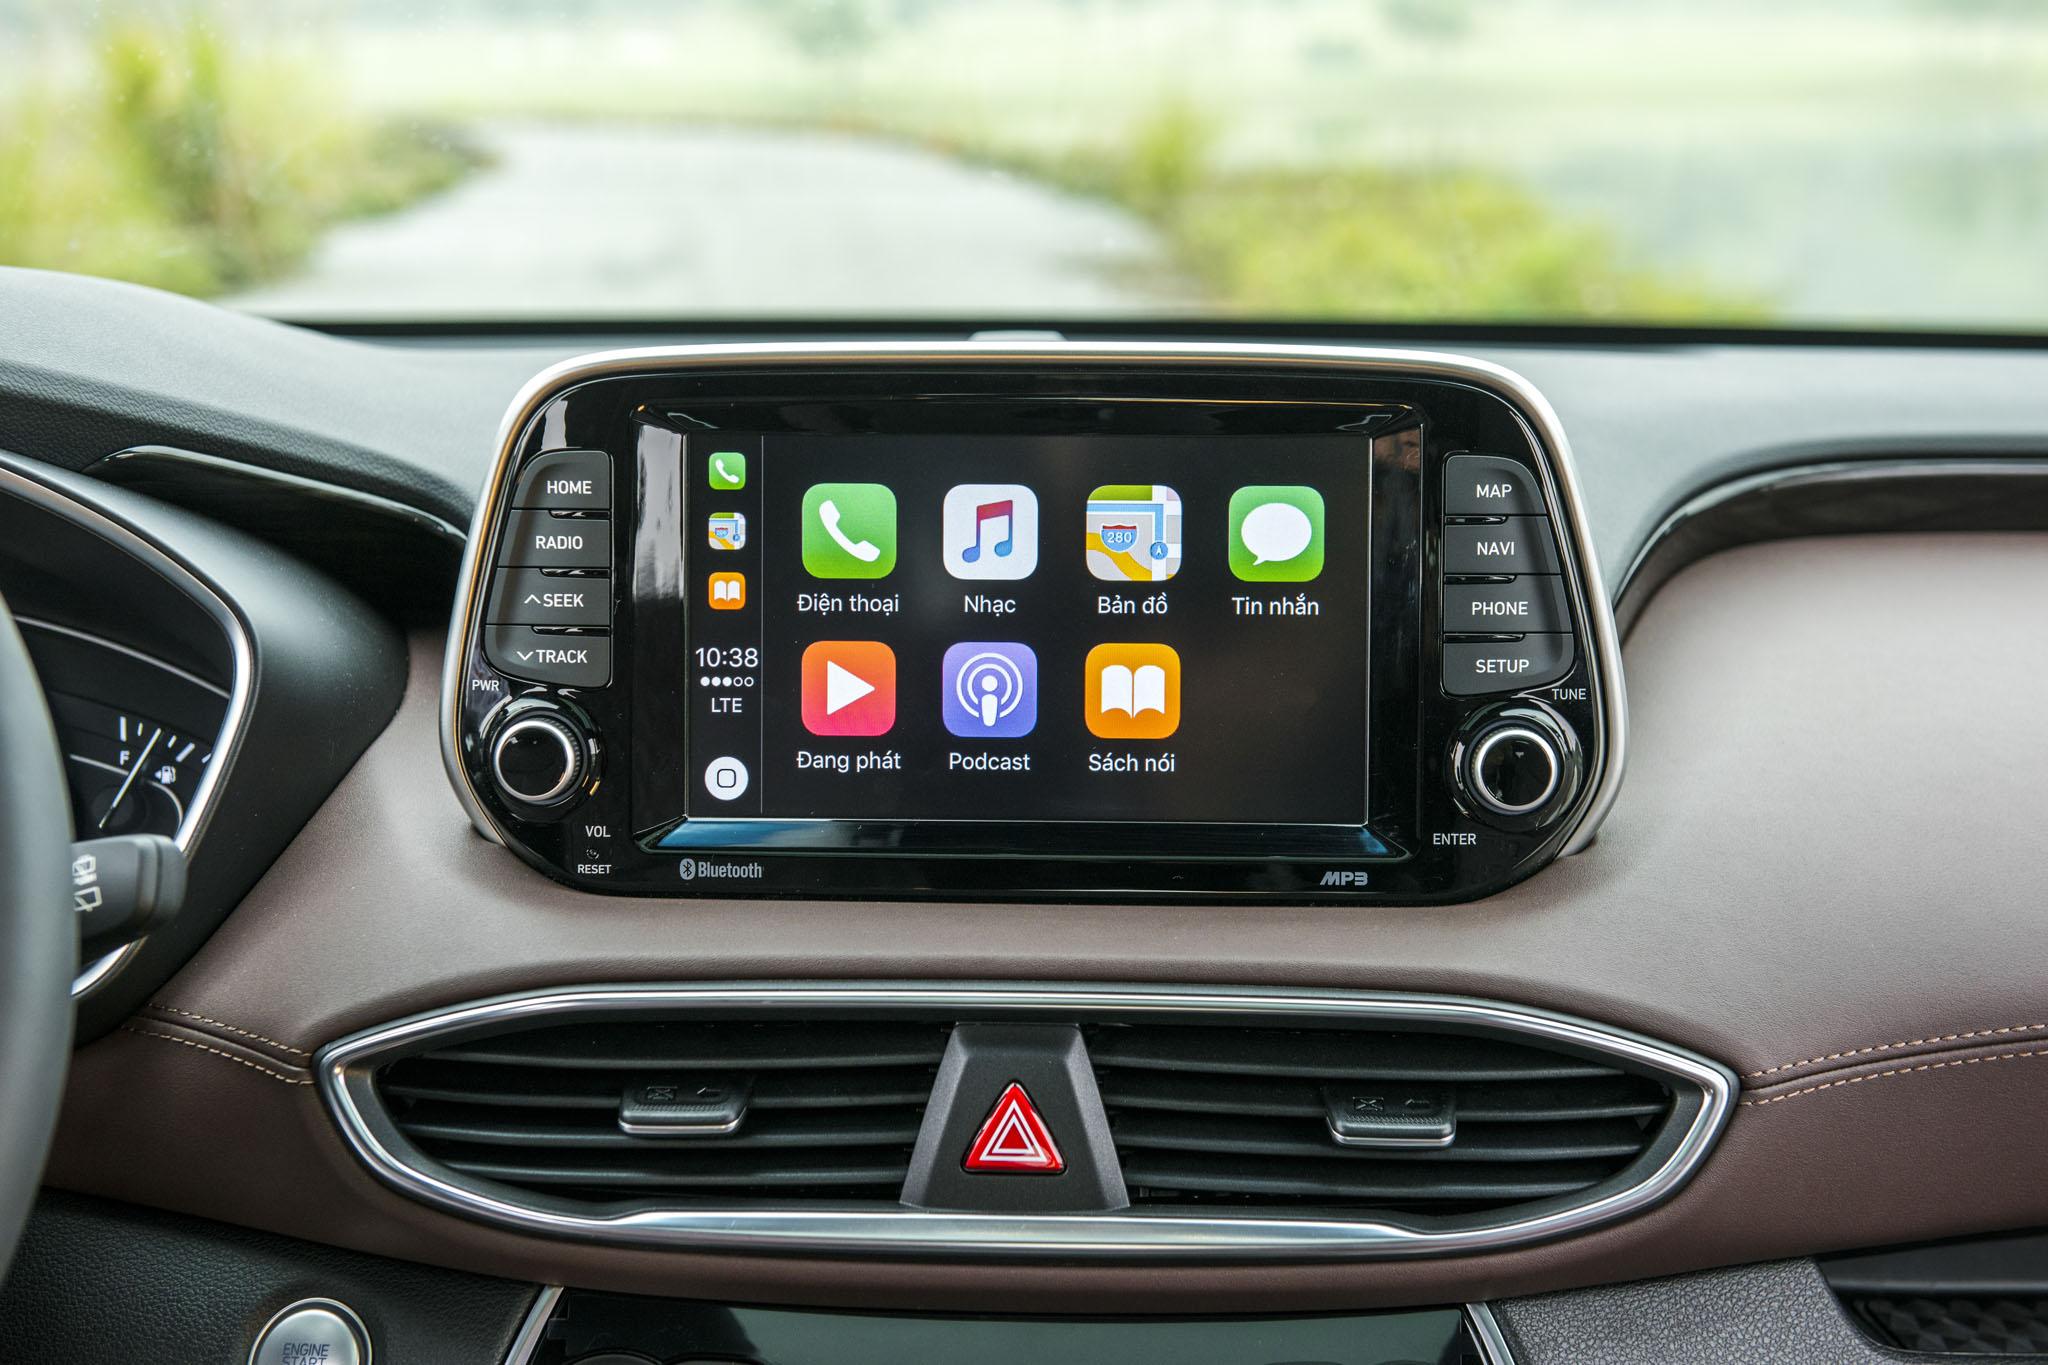 Thông báo cập nhật dữ liệu AVN mới trên các model xe Hyundai quý IV/2018